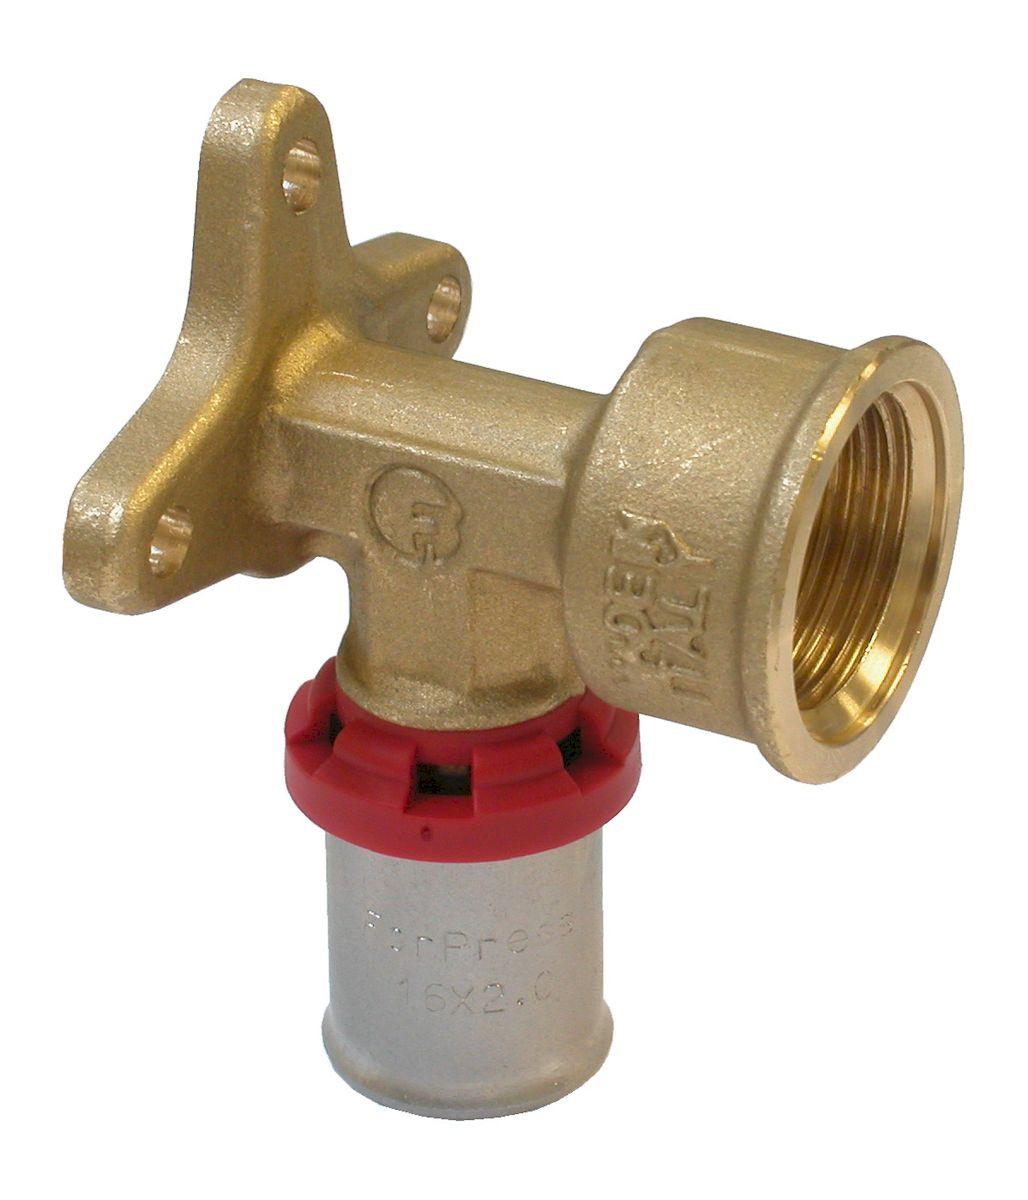 Уголок Fornara под пресс, п - в, 16 x 1/2B180D-16SAУголок Fornara предназначен для соединения металлопластиковых труб с помощью разводногоключа. Соединение получается разъемным, что позволяет при необходимости заменятьуплотнительные кольца, а также производить обслуживание участка трубопровода.